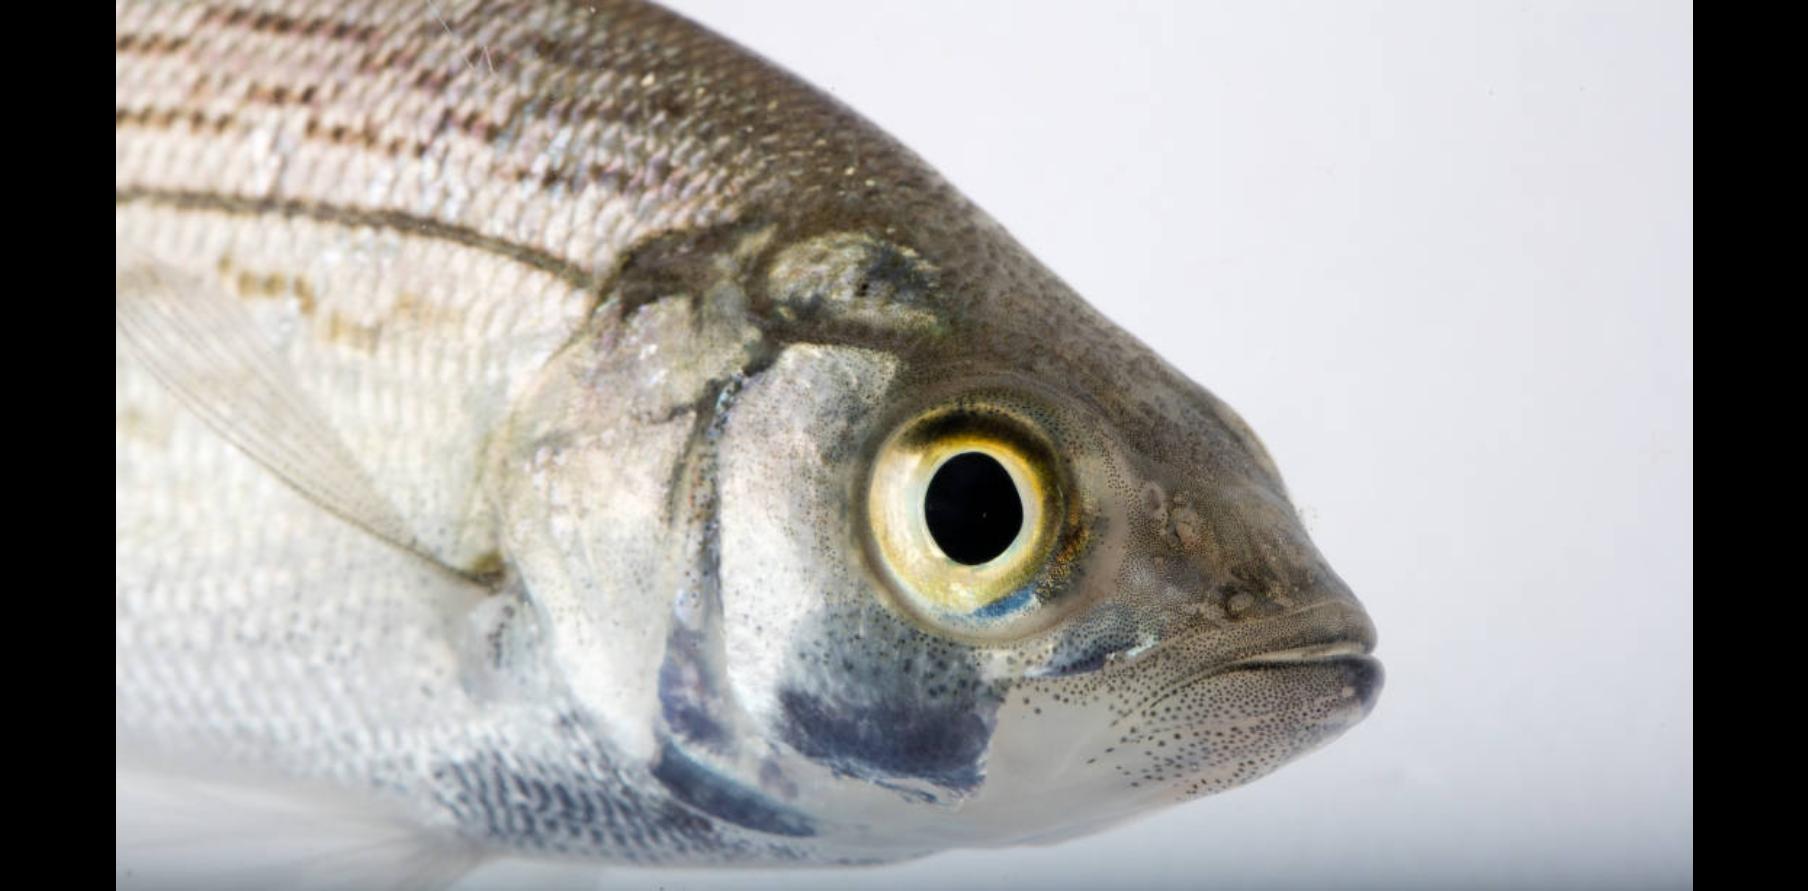 photo courtesy of us fish & wildlife service